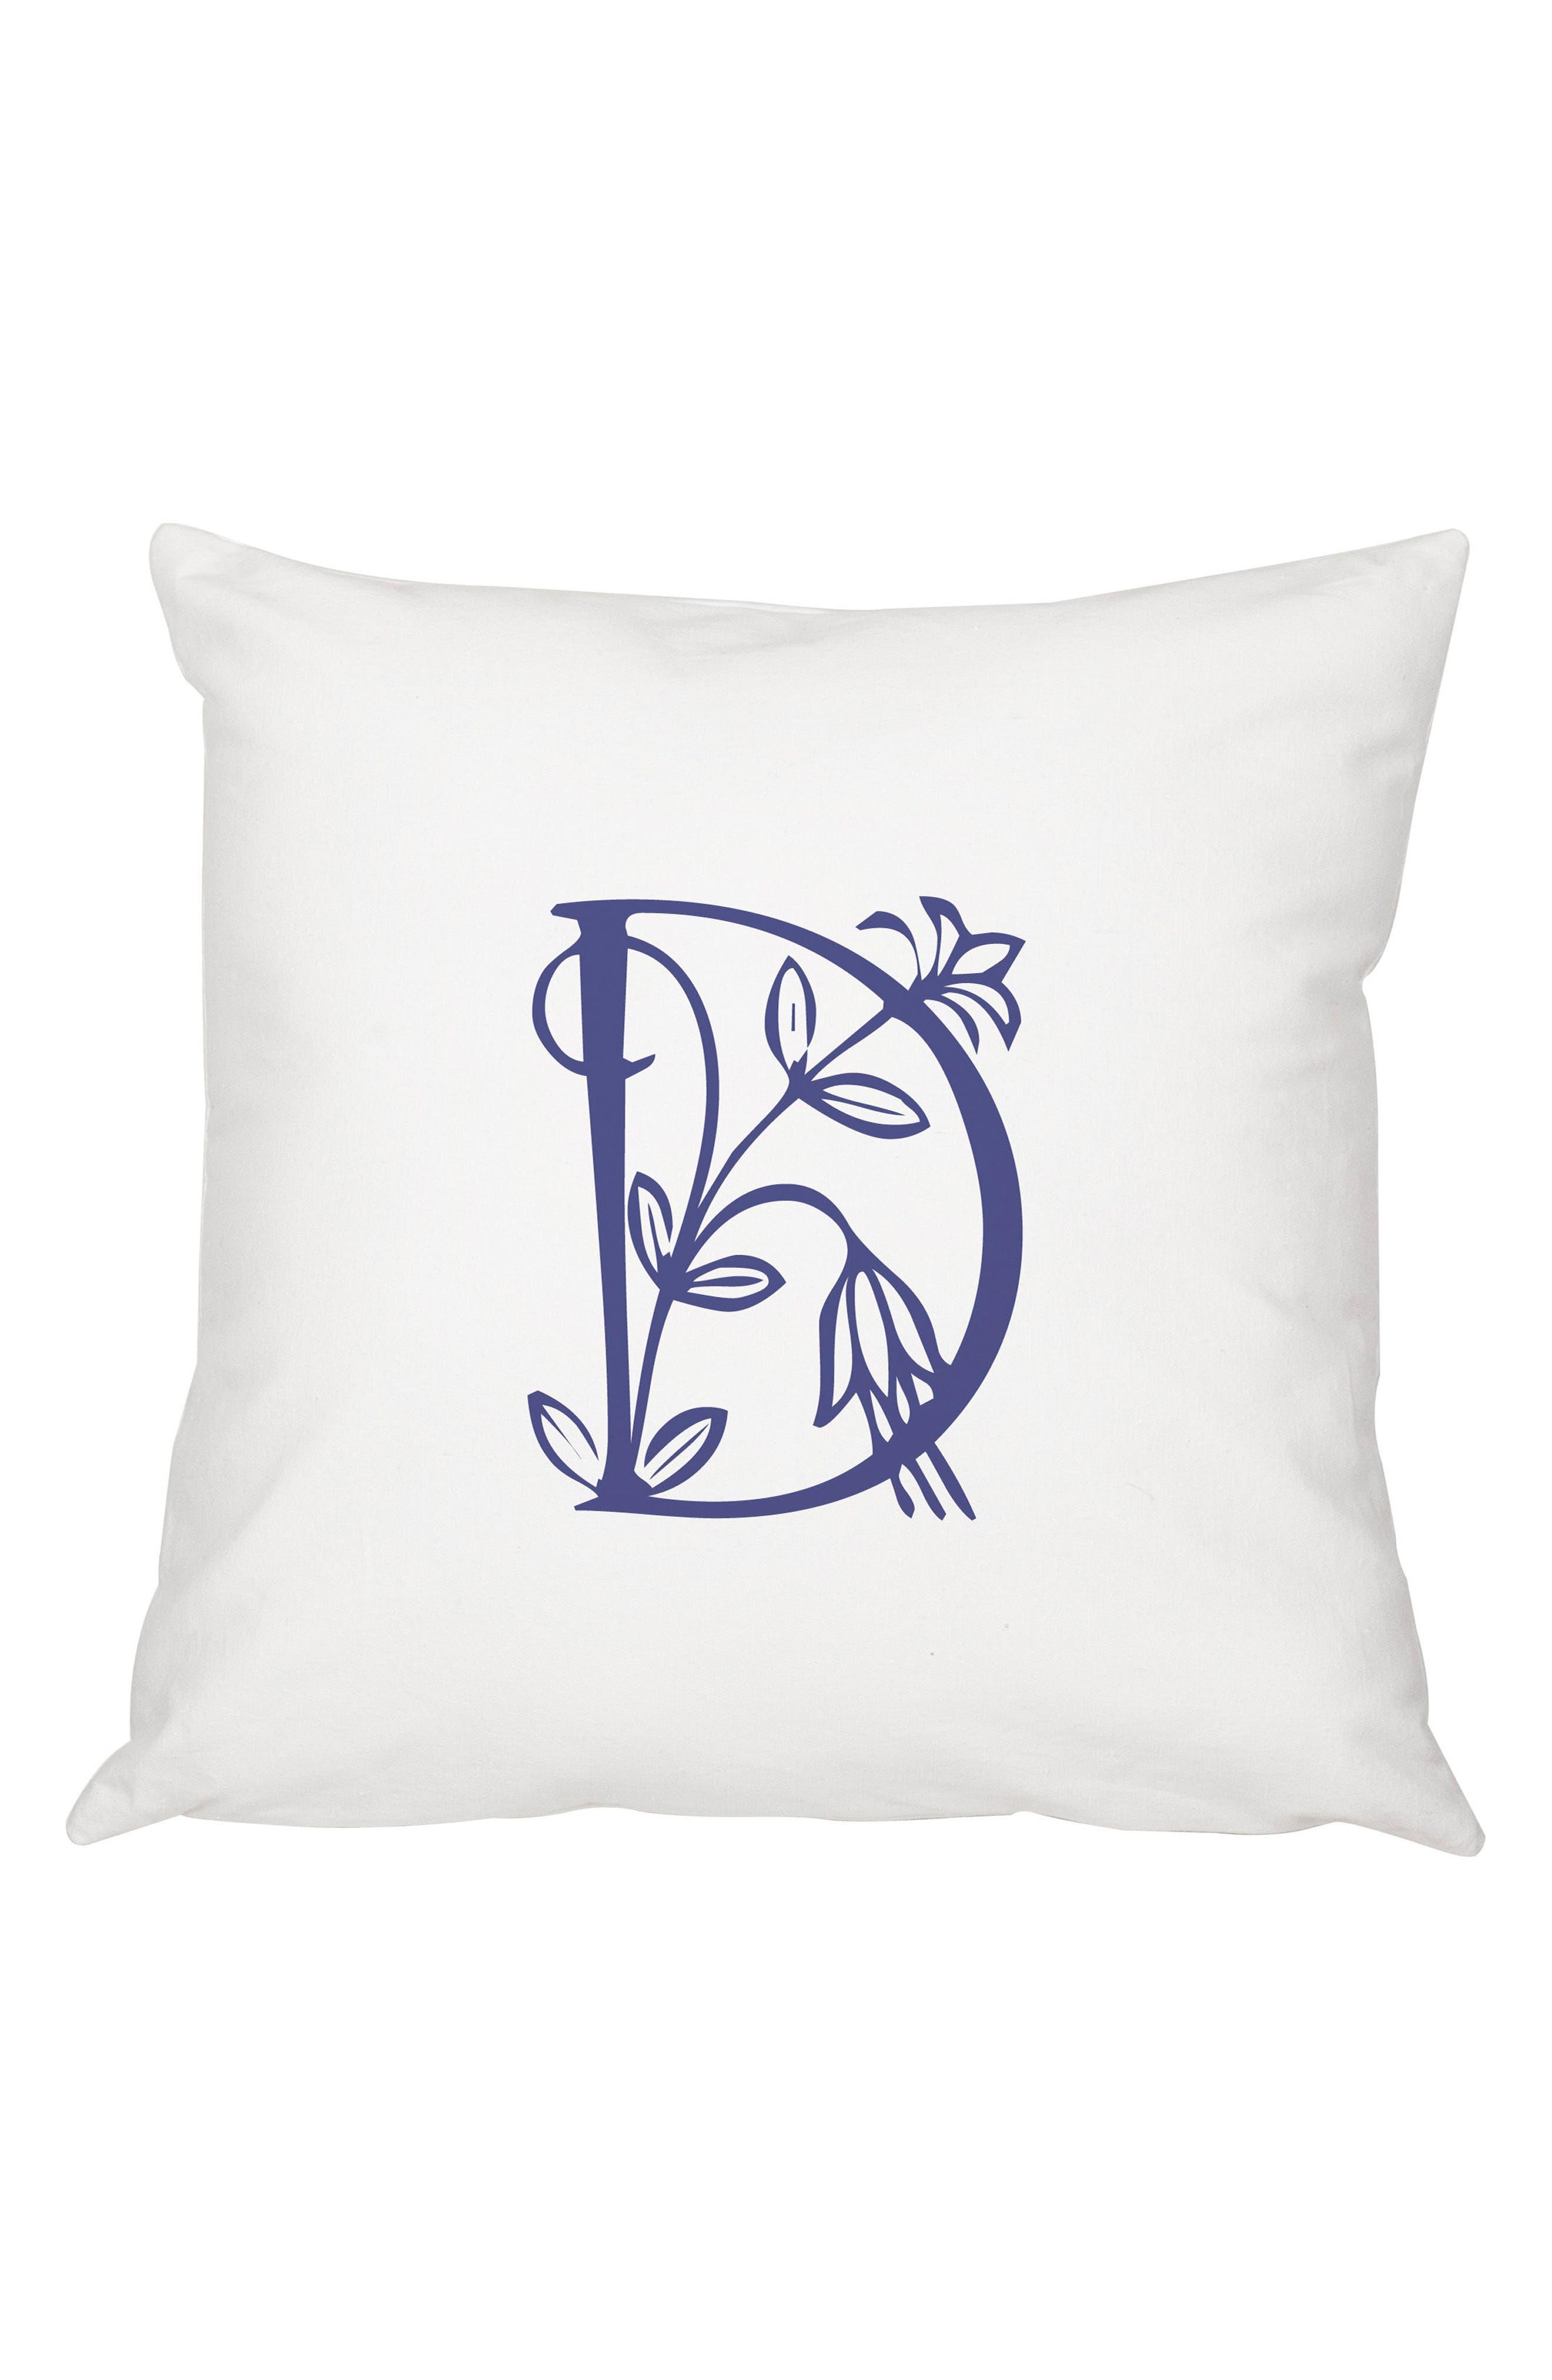 Floral Monogram Accent Pillow,                         Main,                         color, Blue-D